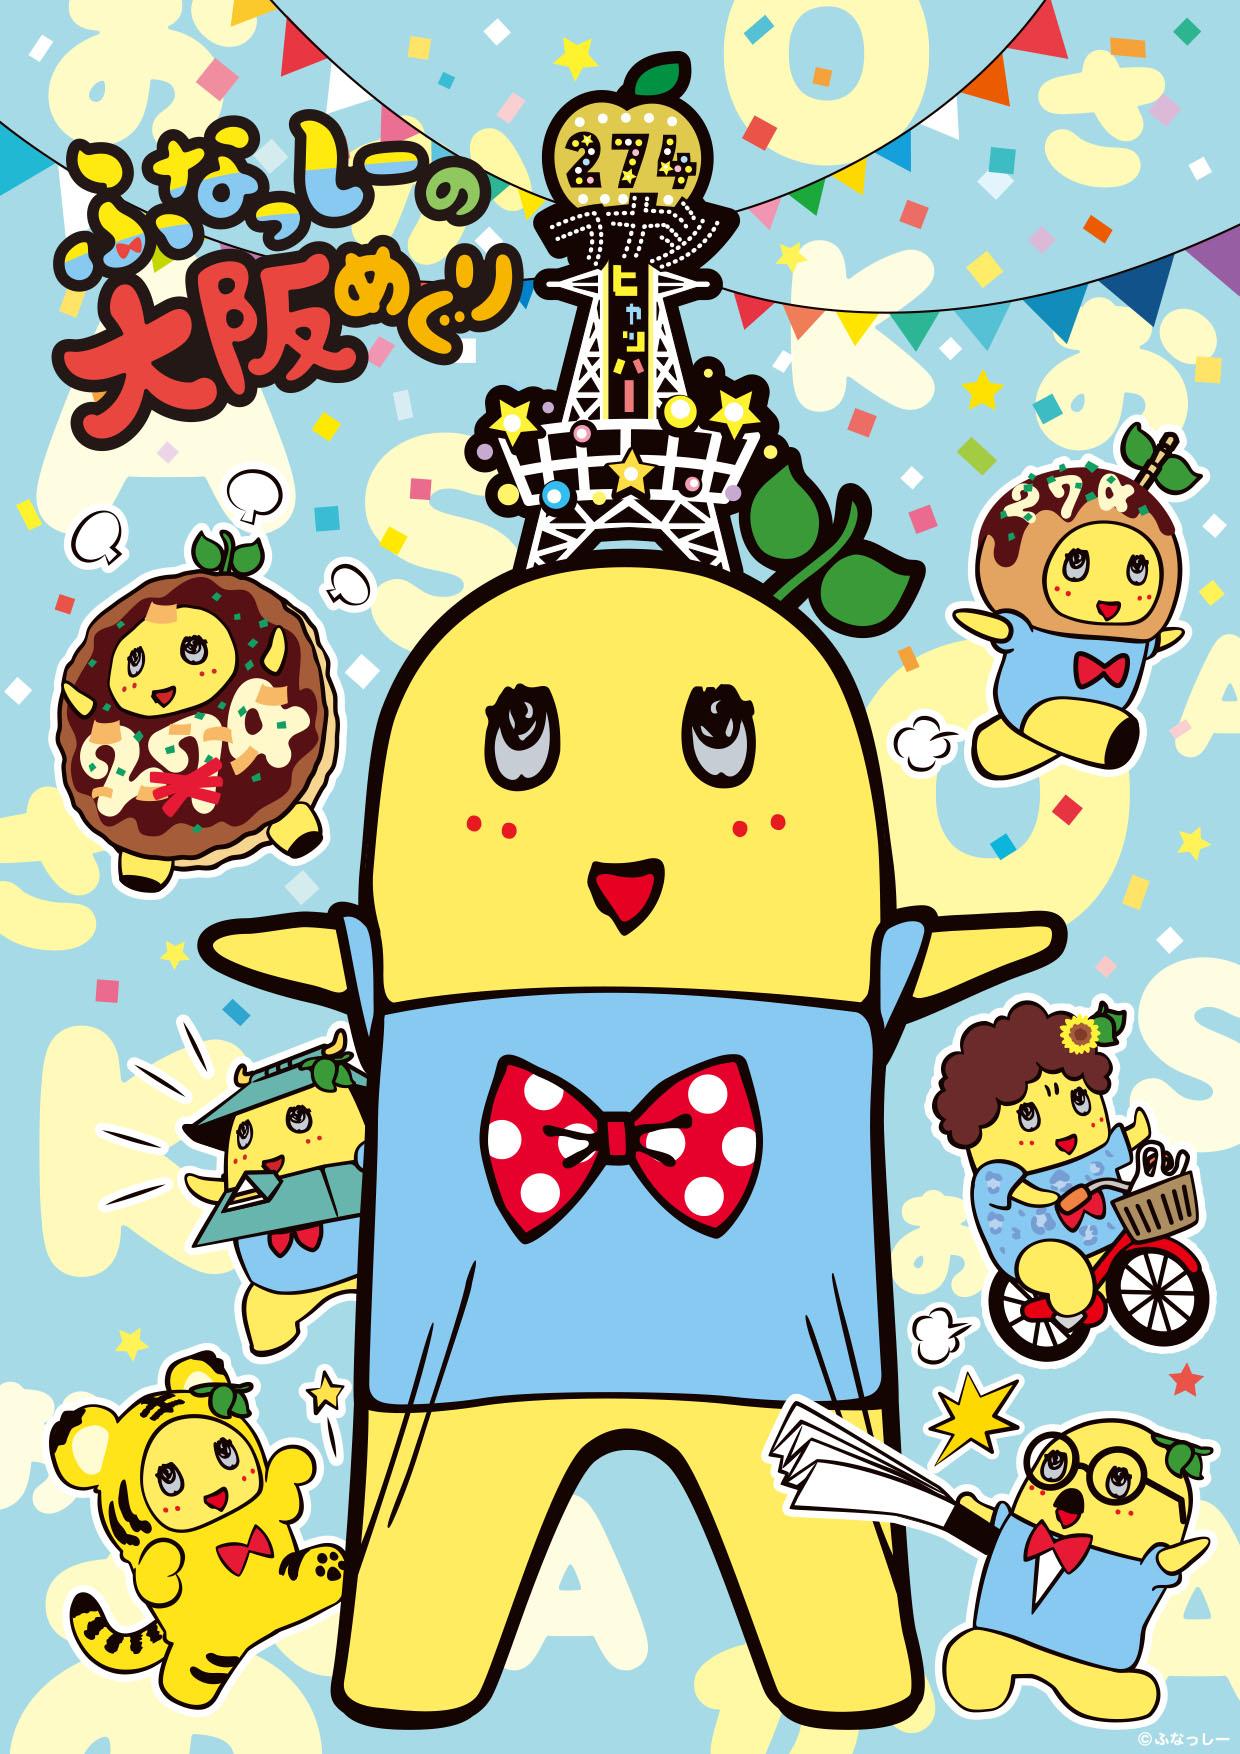 大人気ご当地キャラクター「ふなっしー」のショップがTSUTAYA EBISUBASHI/TSUTAYA三宮店に期間限定OPEN!